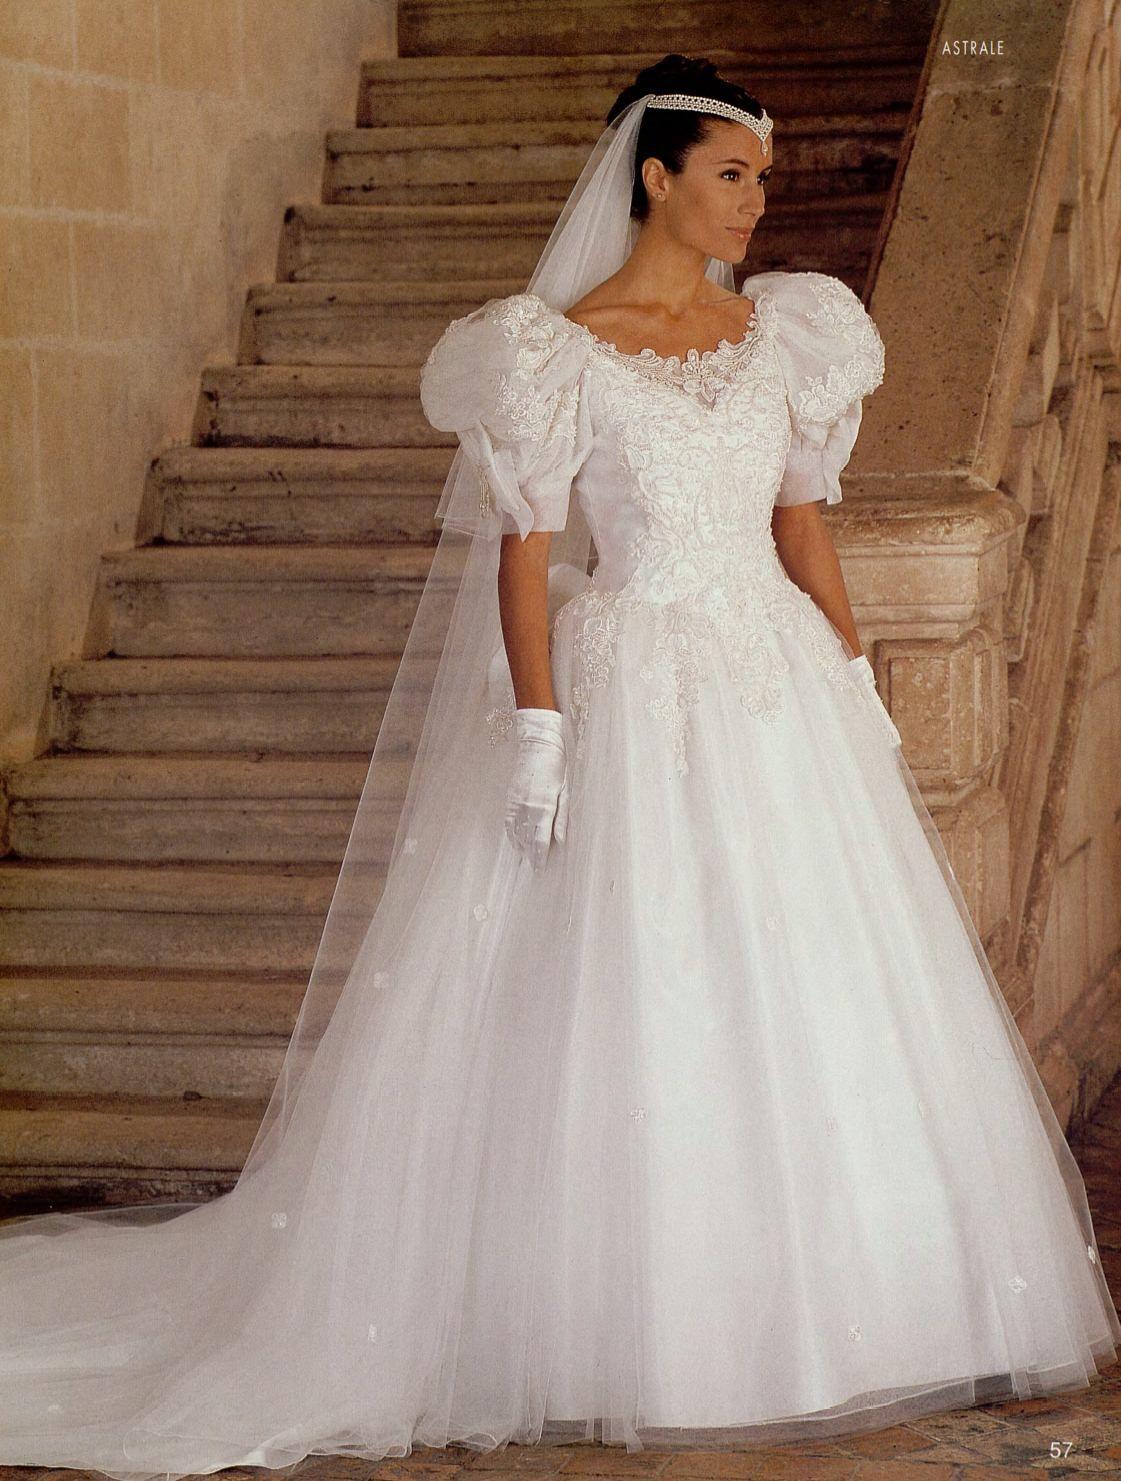 Vestiti Da Sposa 1980.Absolutely Adore This Dress Circa 1980 S Abiti Da Sposa